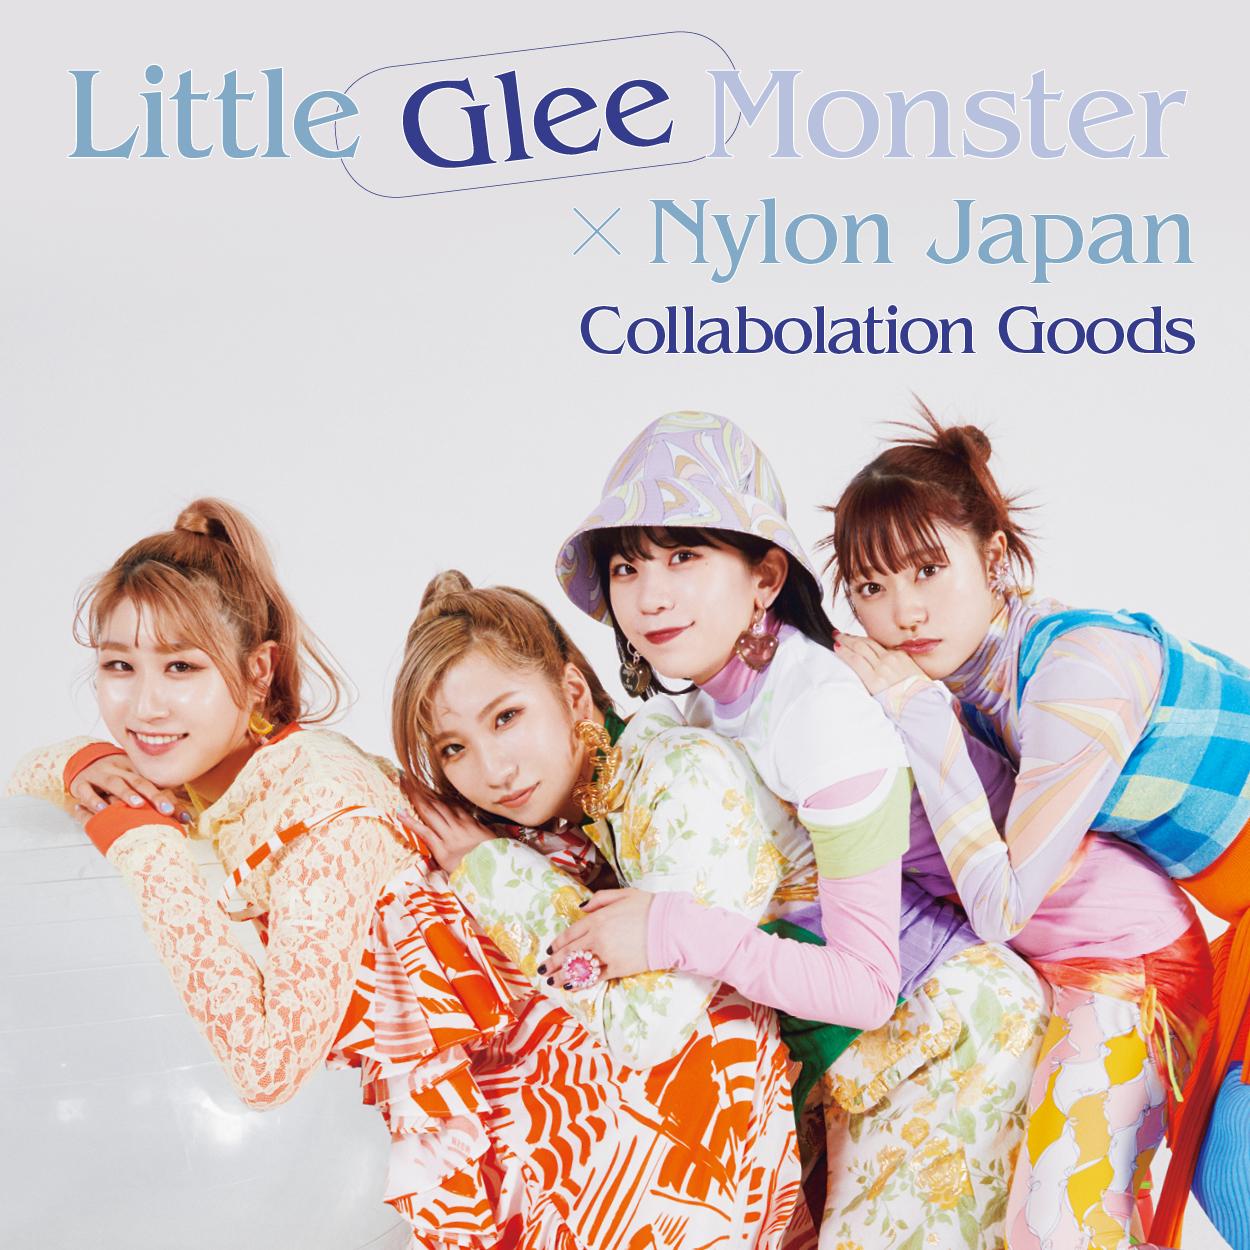 Little Glee Monster × NYLON JAPANのコラボグッズが発売!